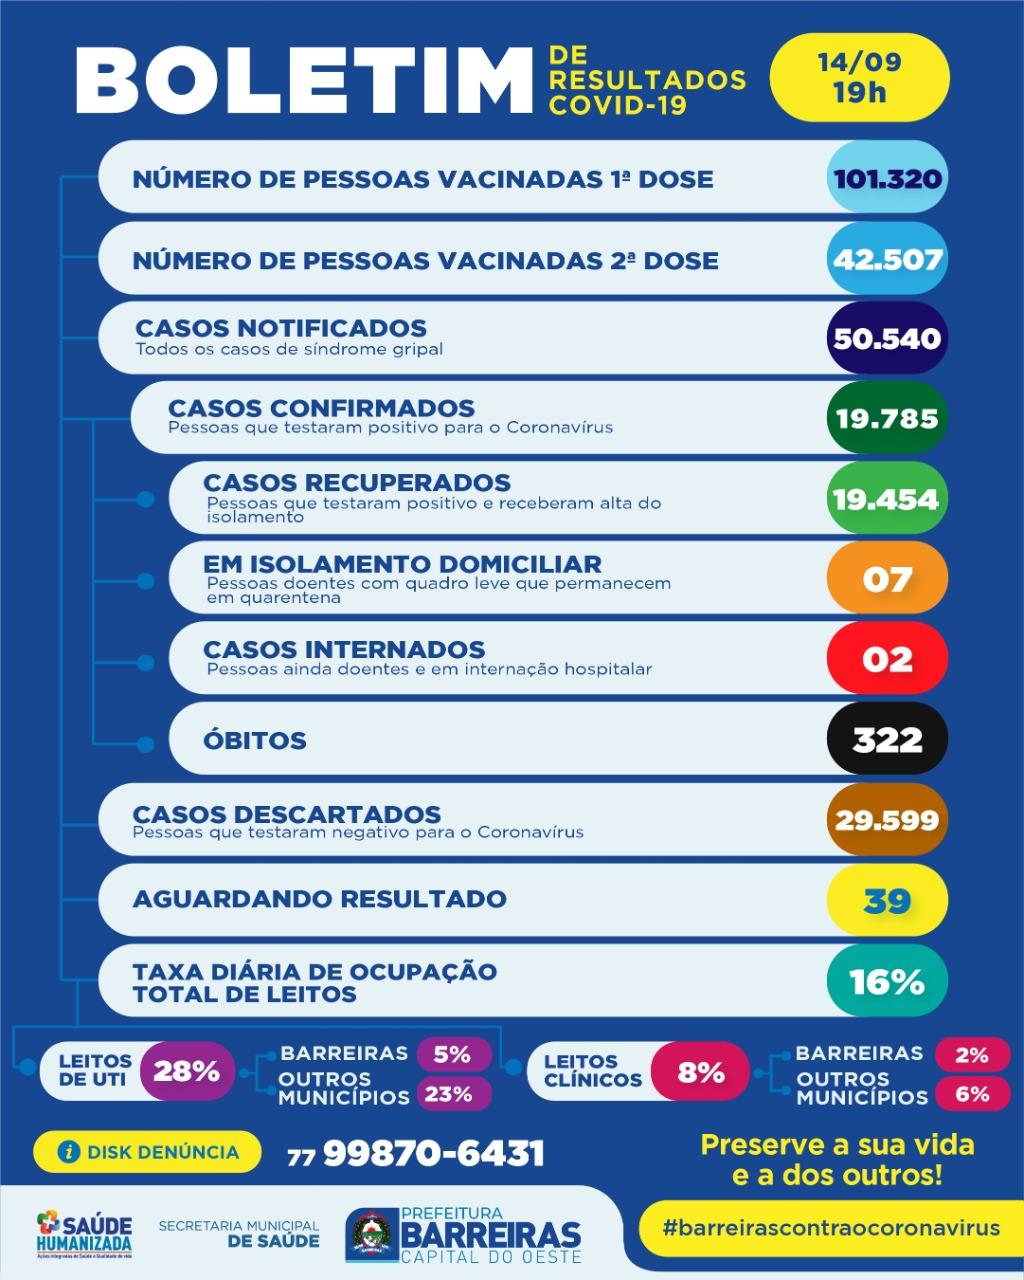 Covid-19 em Barreiras: Veja os números do boletim desta terça-feira, 14